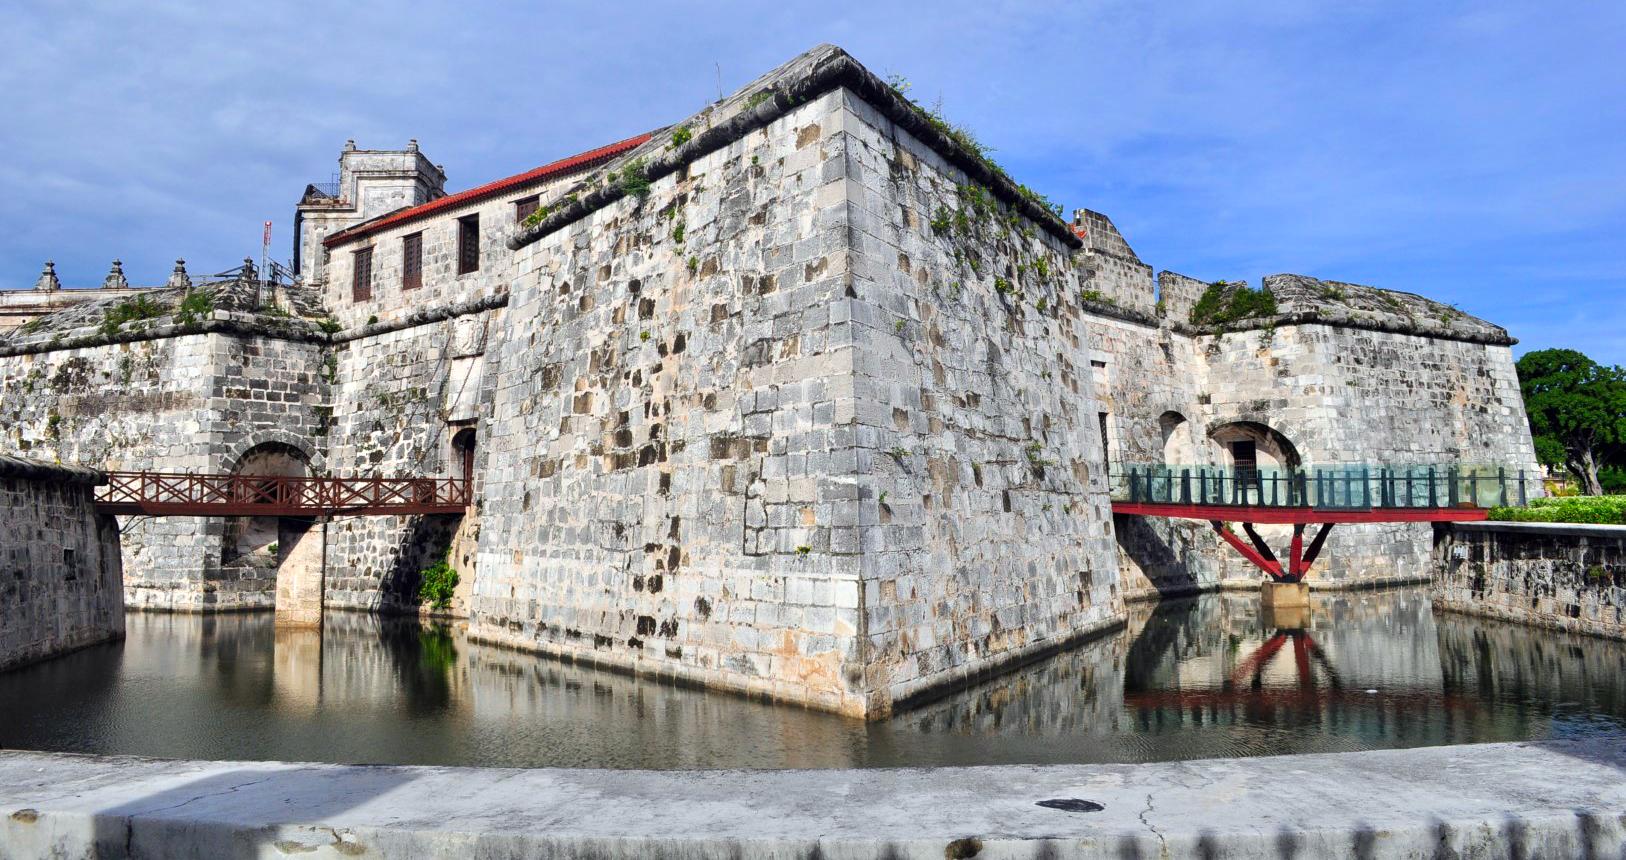 Qué ver en La Habana, Cuba qué ver en la habana, cuba - 30472653273 49716047b2 o - Qué ver en La Habana, Cuba